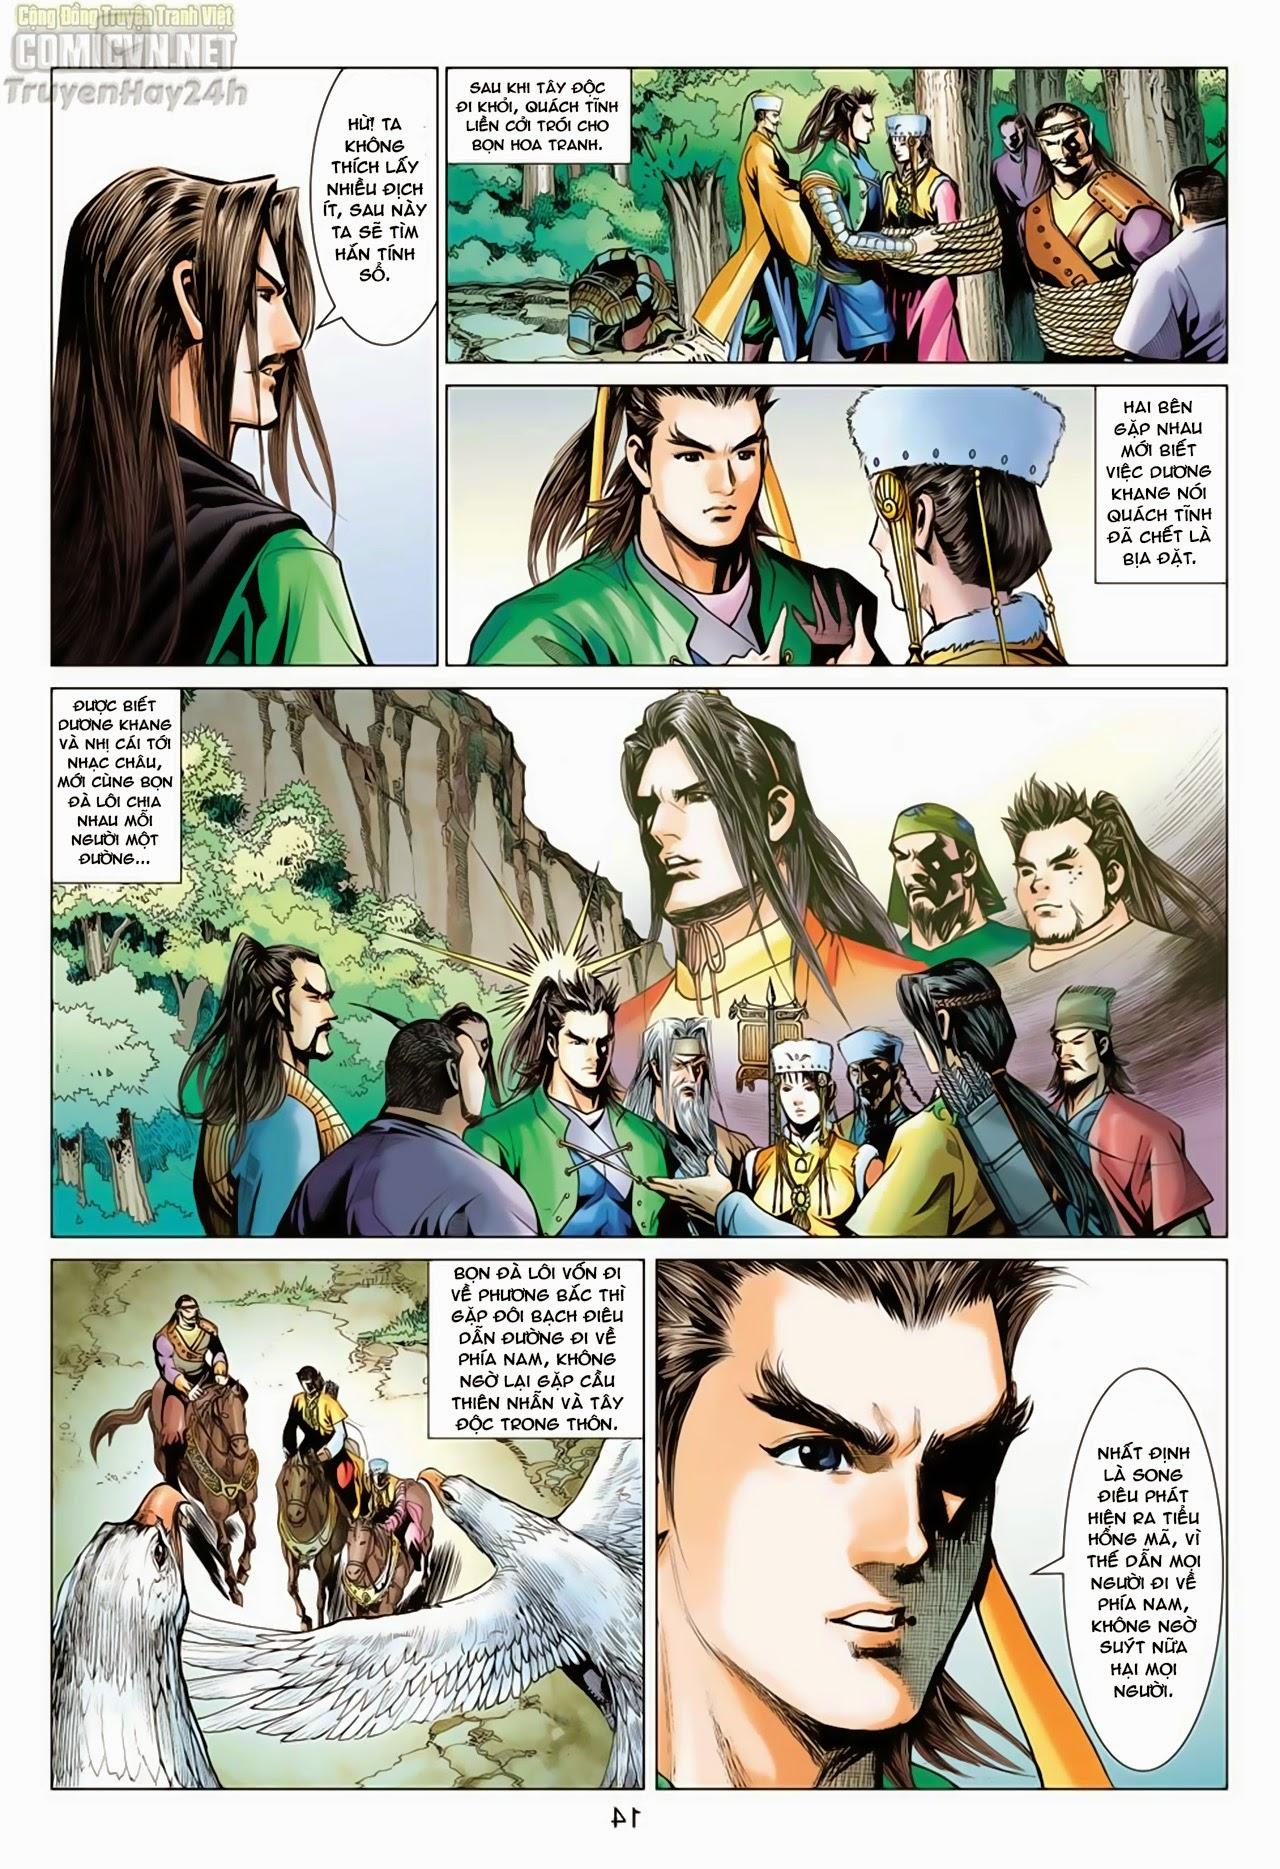 Anh Hùng Xạ Điêu anh hùng xạ đêu chap 65: cái bang tân chủ trang 14